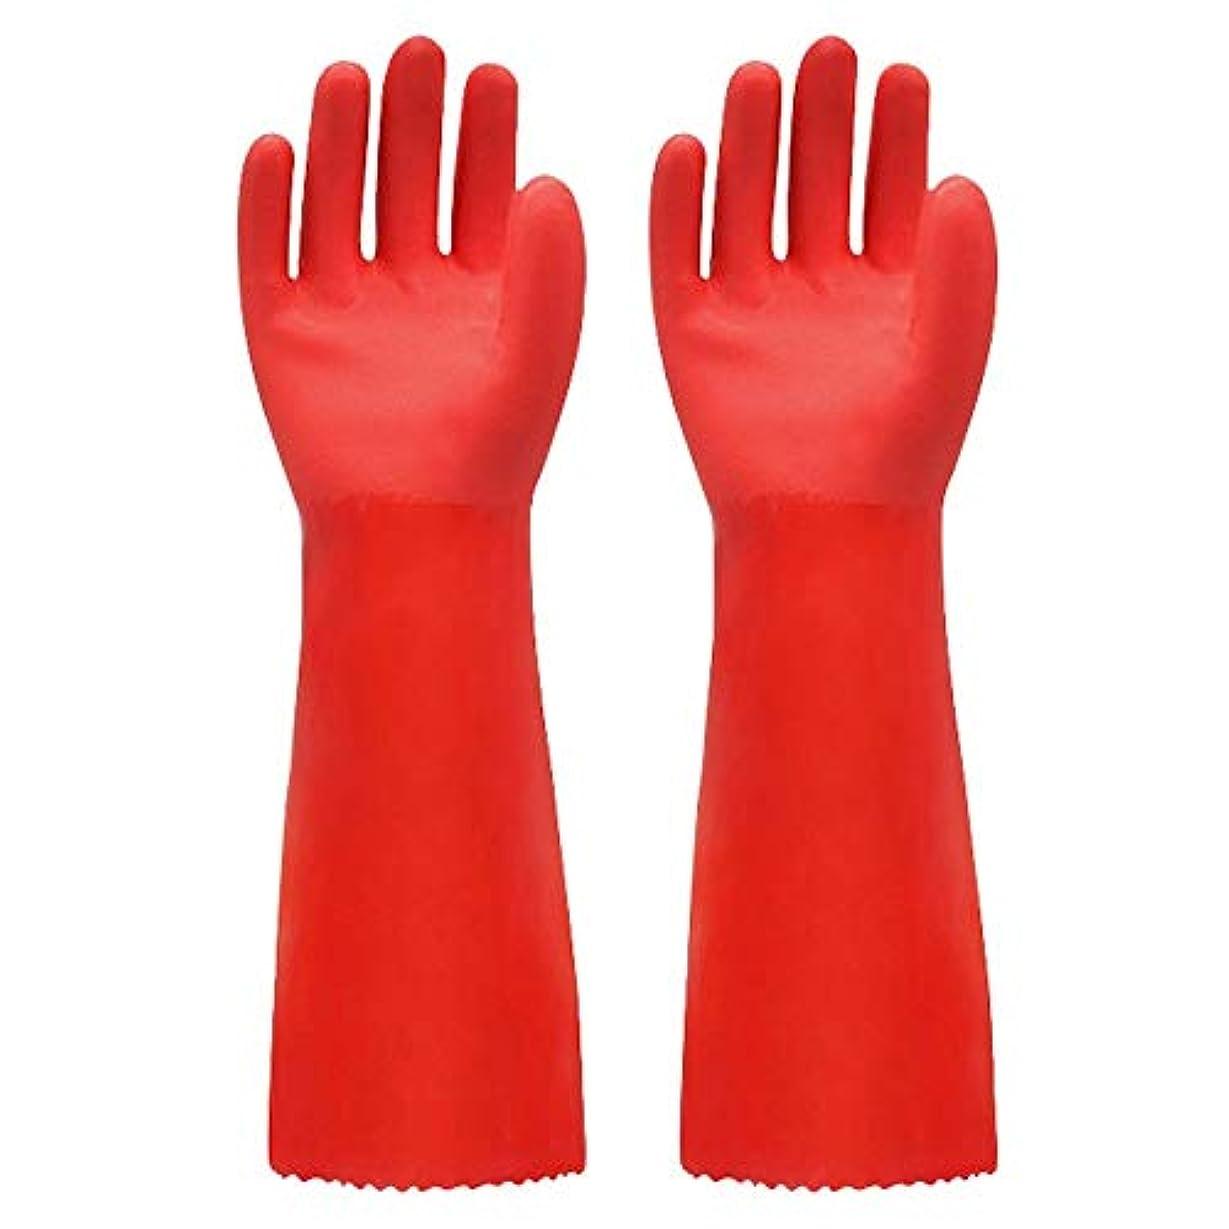 有力者調停者寛解ニトリルゴム手袋 ゴム手袋長く暖かいとビロードのゴム製防水と耐久性のある手袋、1ペア 使い捨て手袋 (Color : RED, Size : L)